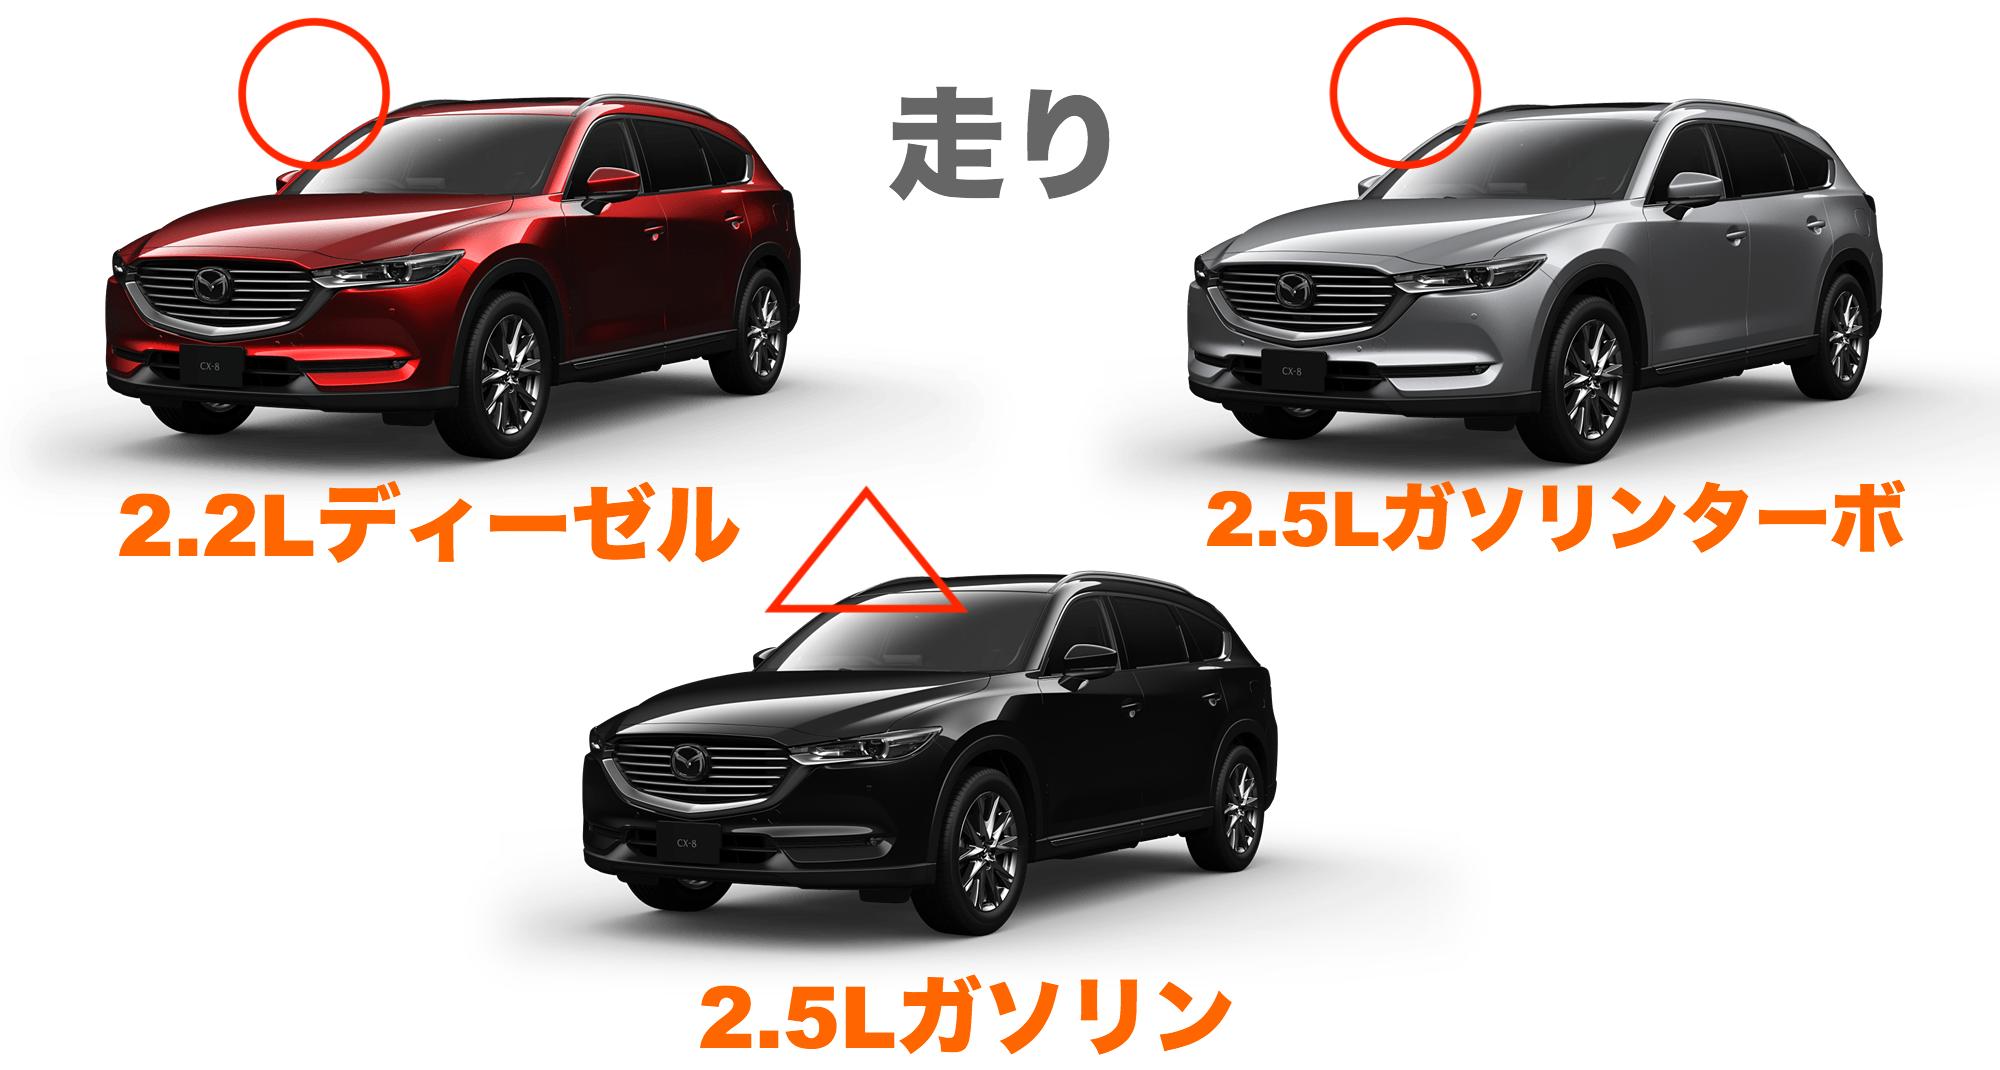 CX-8グレード_vs走りエンジン